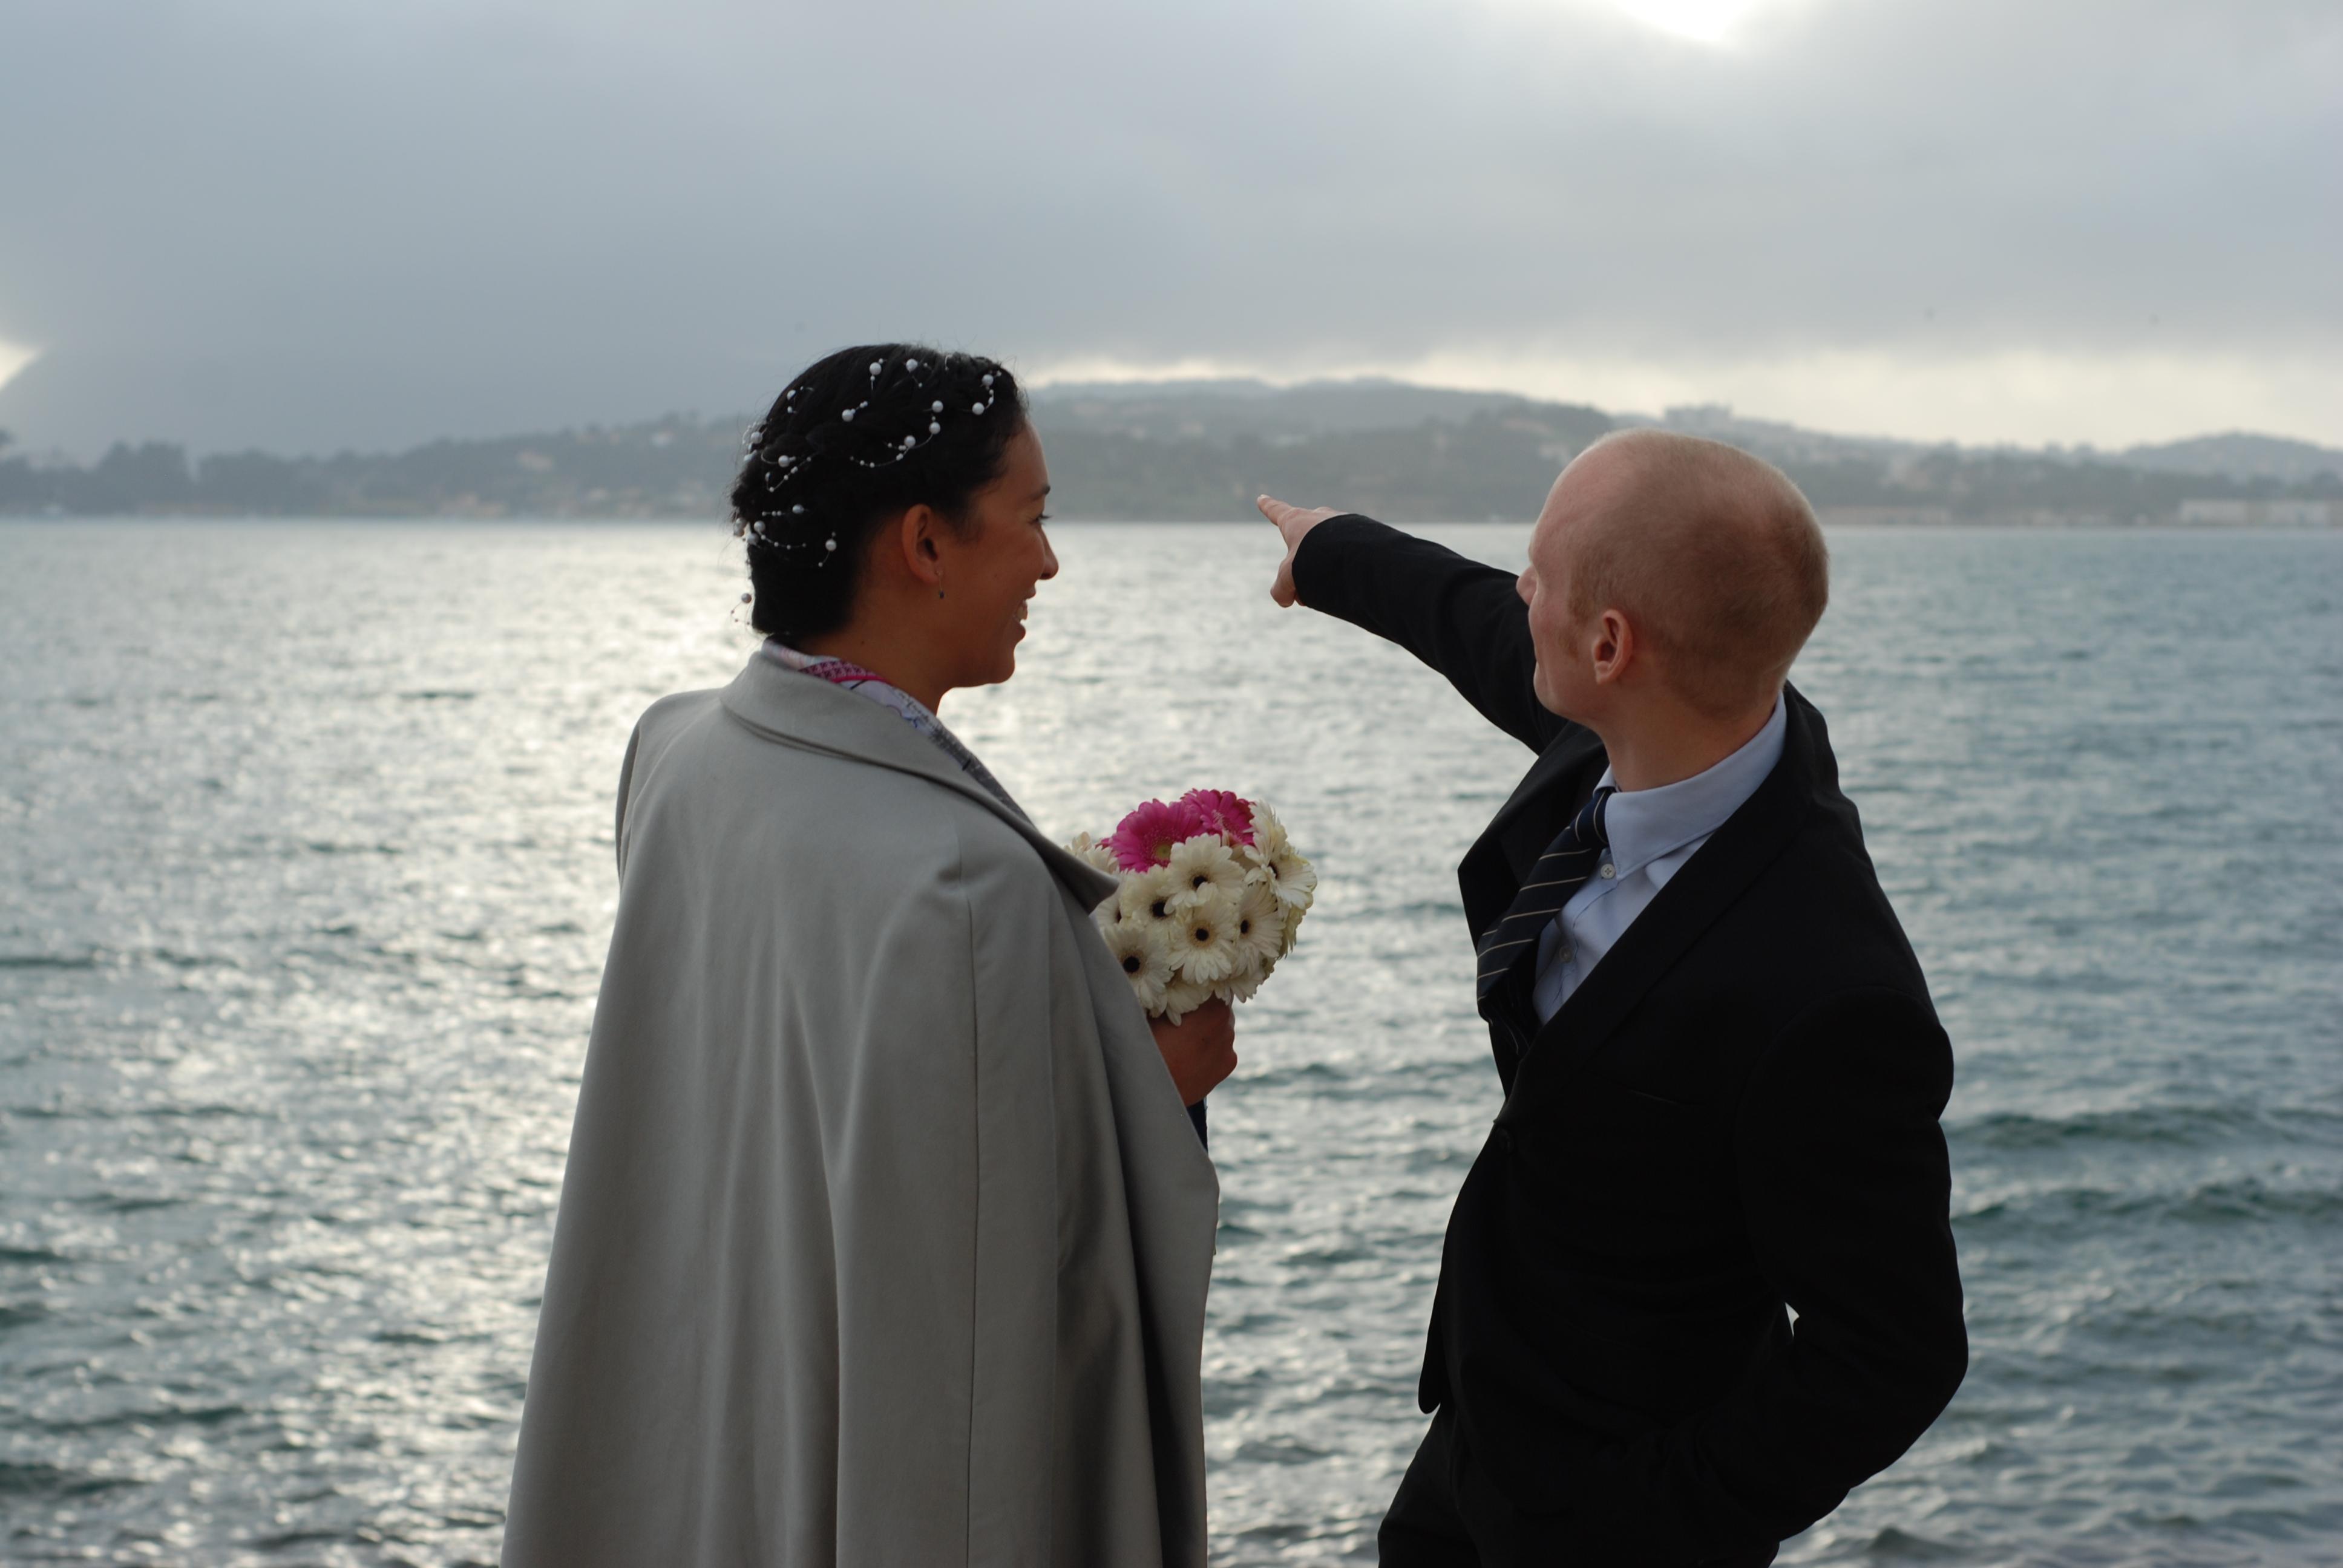 Le mariage civil – partie 2